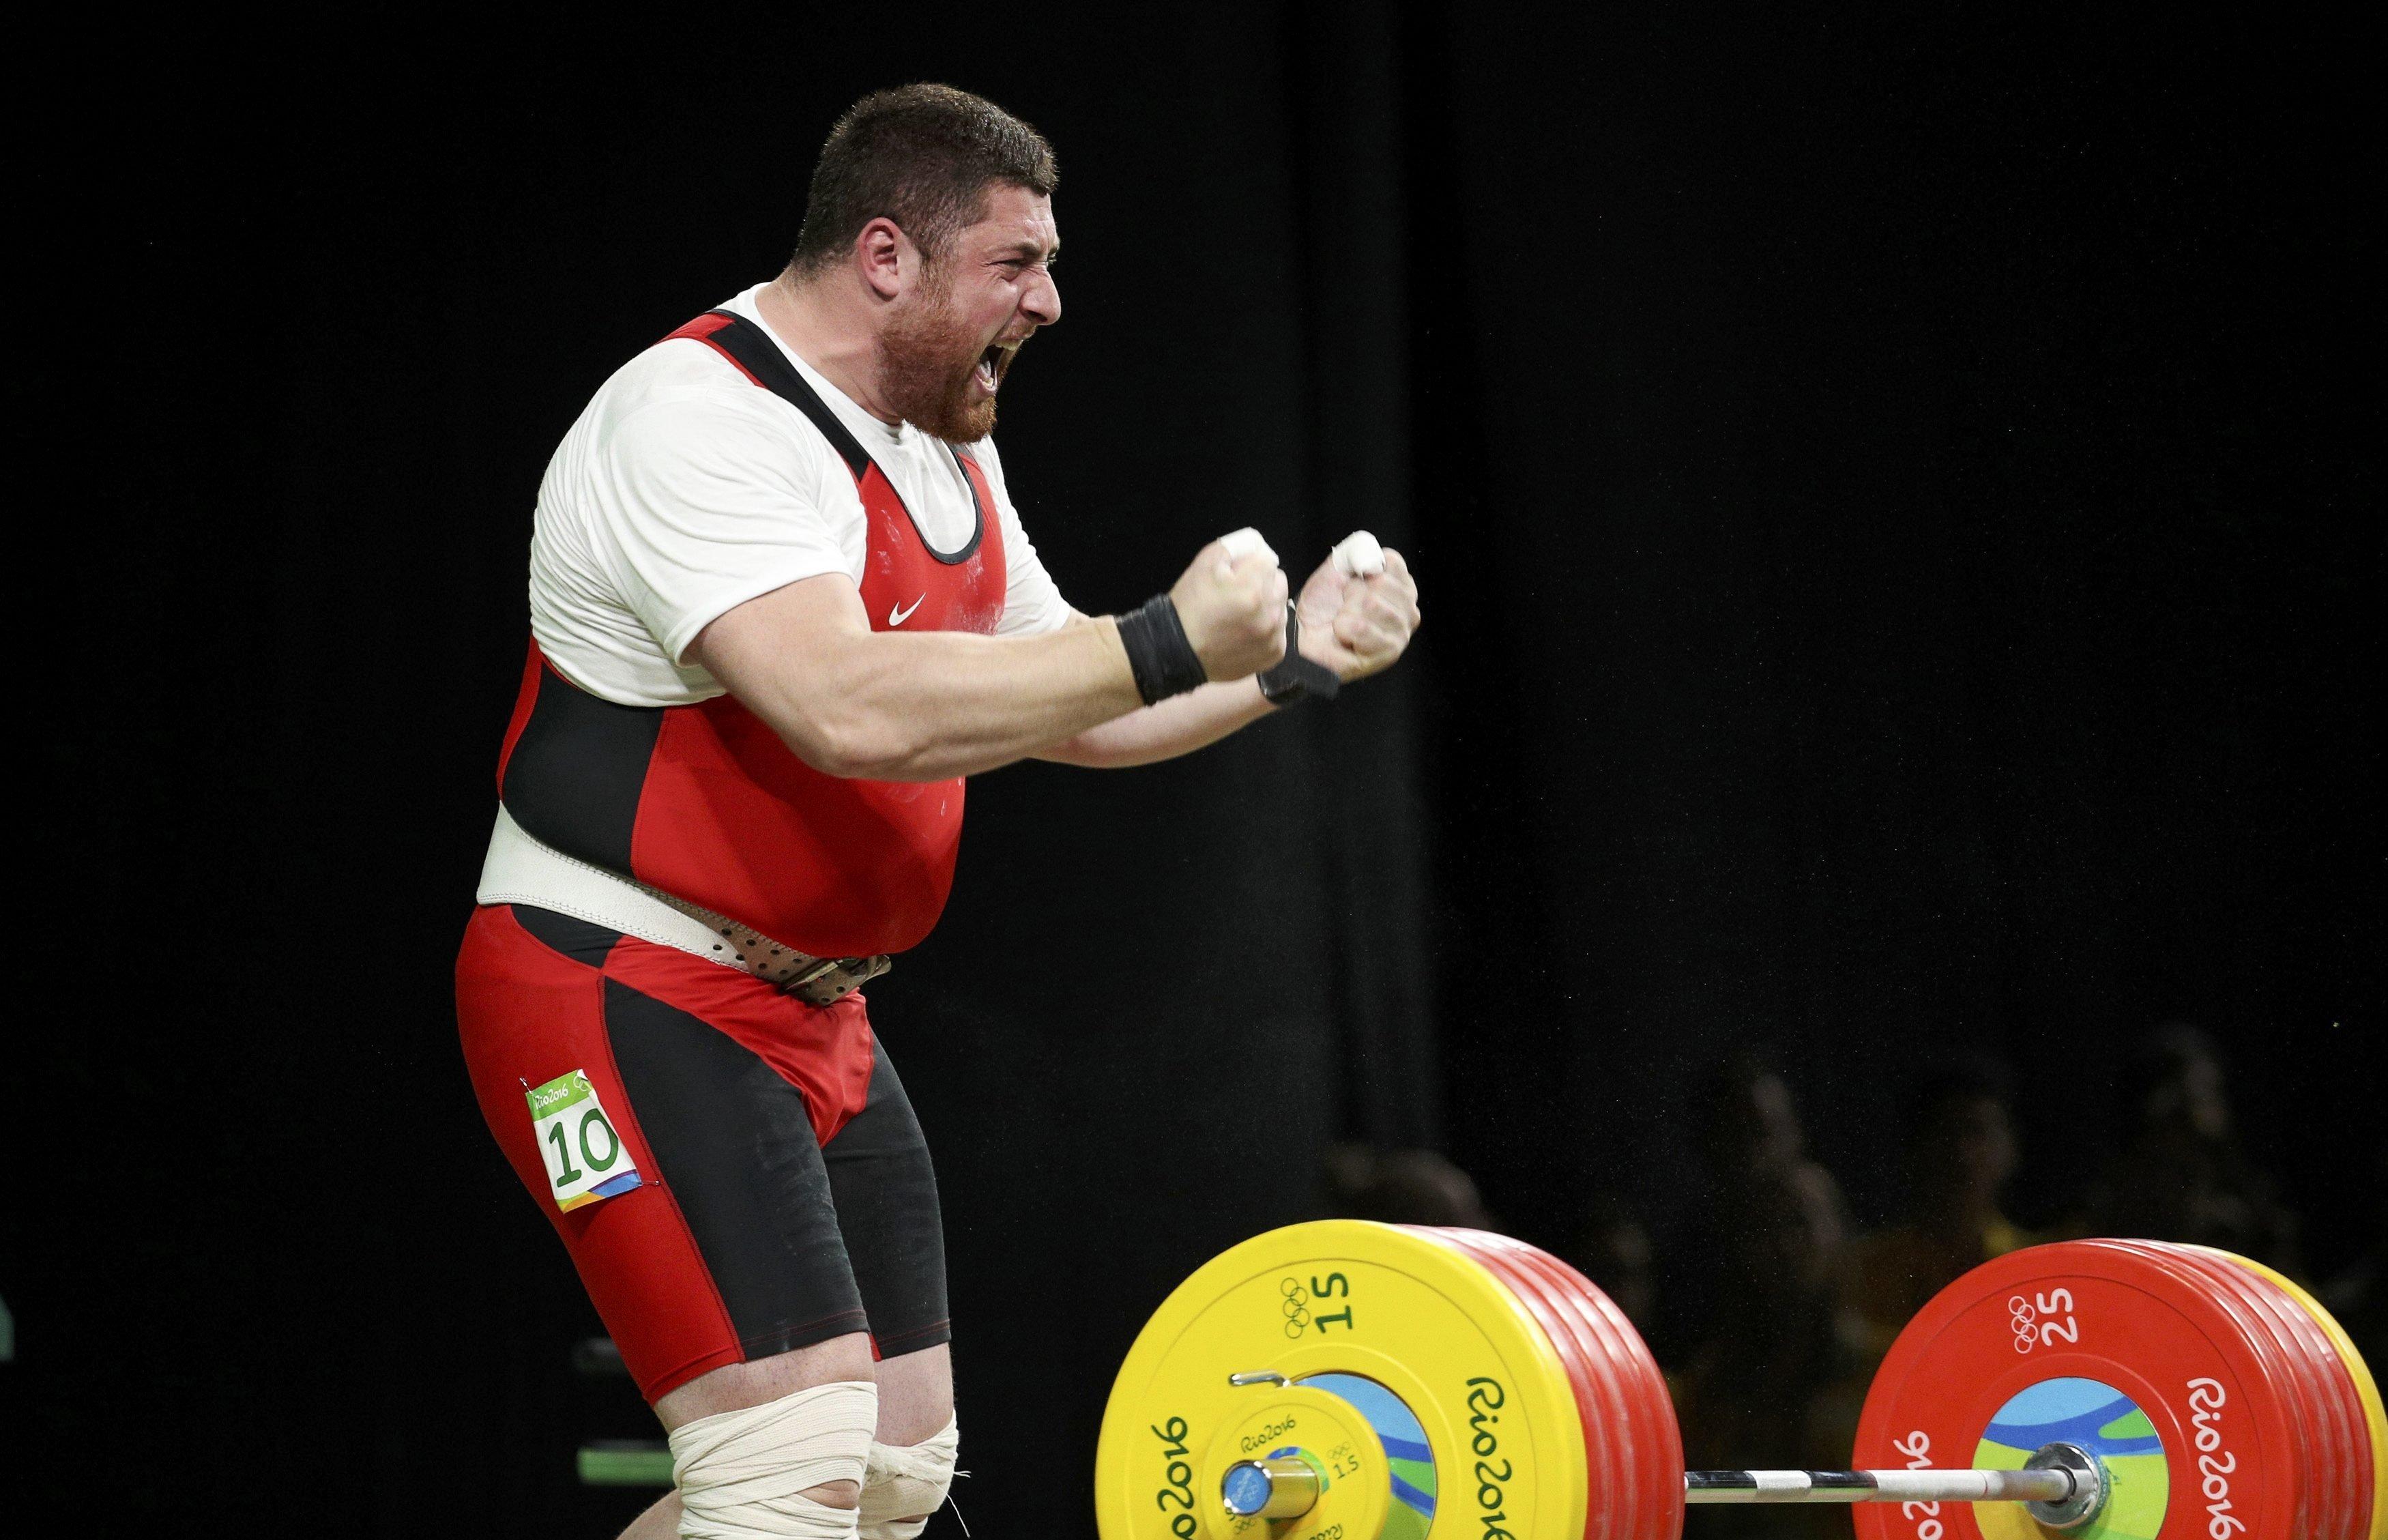 вольная борьба олимпийские игры